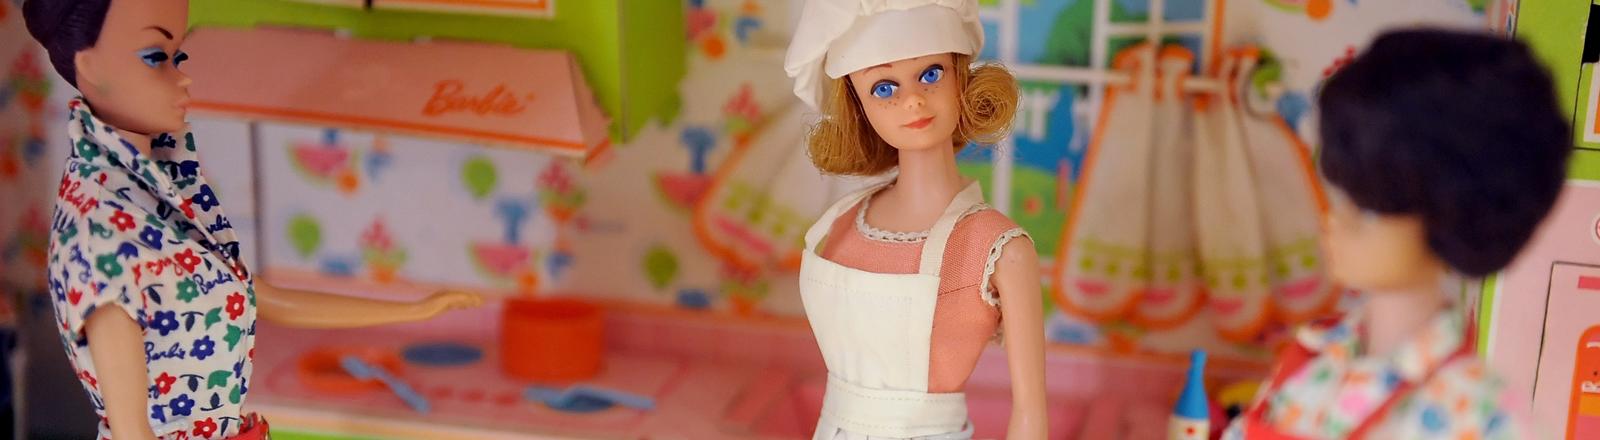 Drei Barbiepuppen in einer Küche. Symbolbild für Hausfrauen.